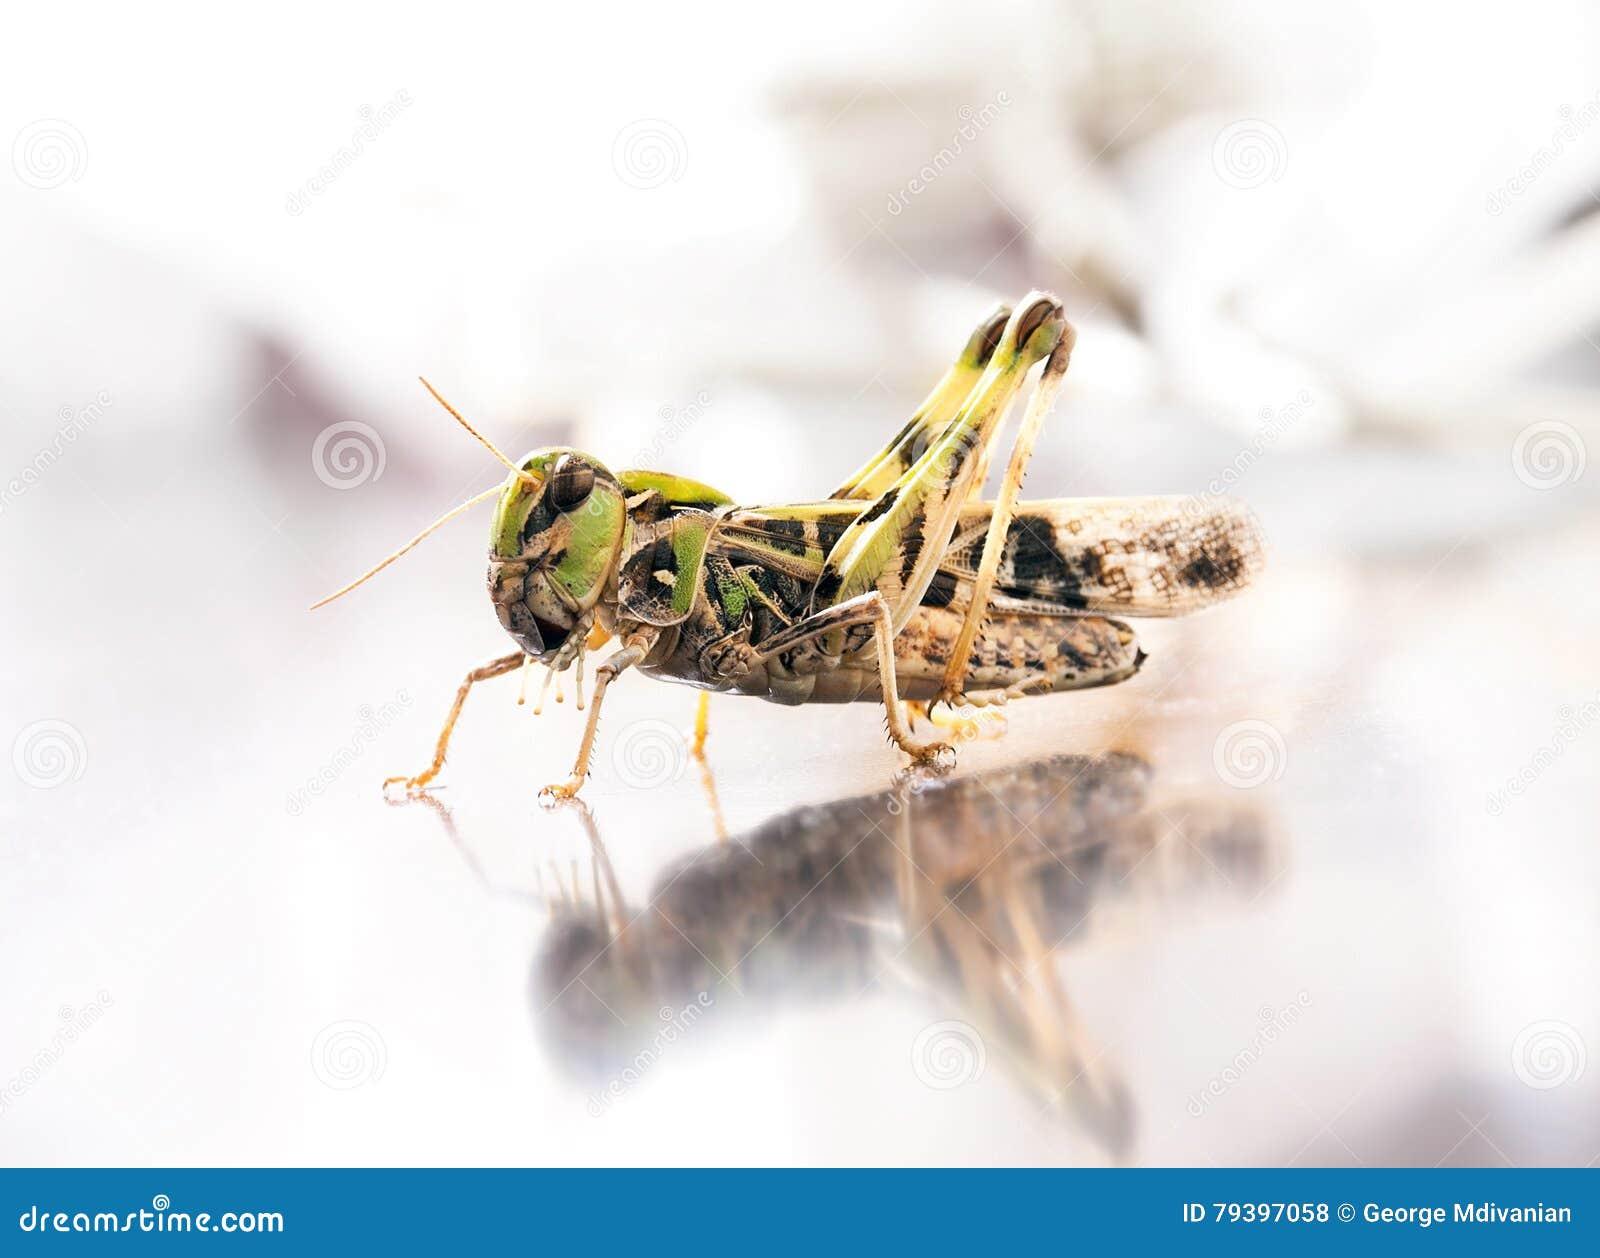 Locust macro portrait